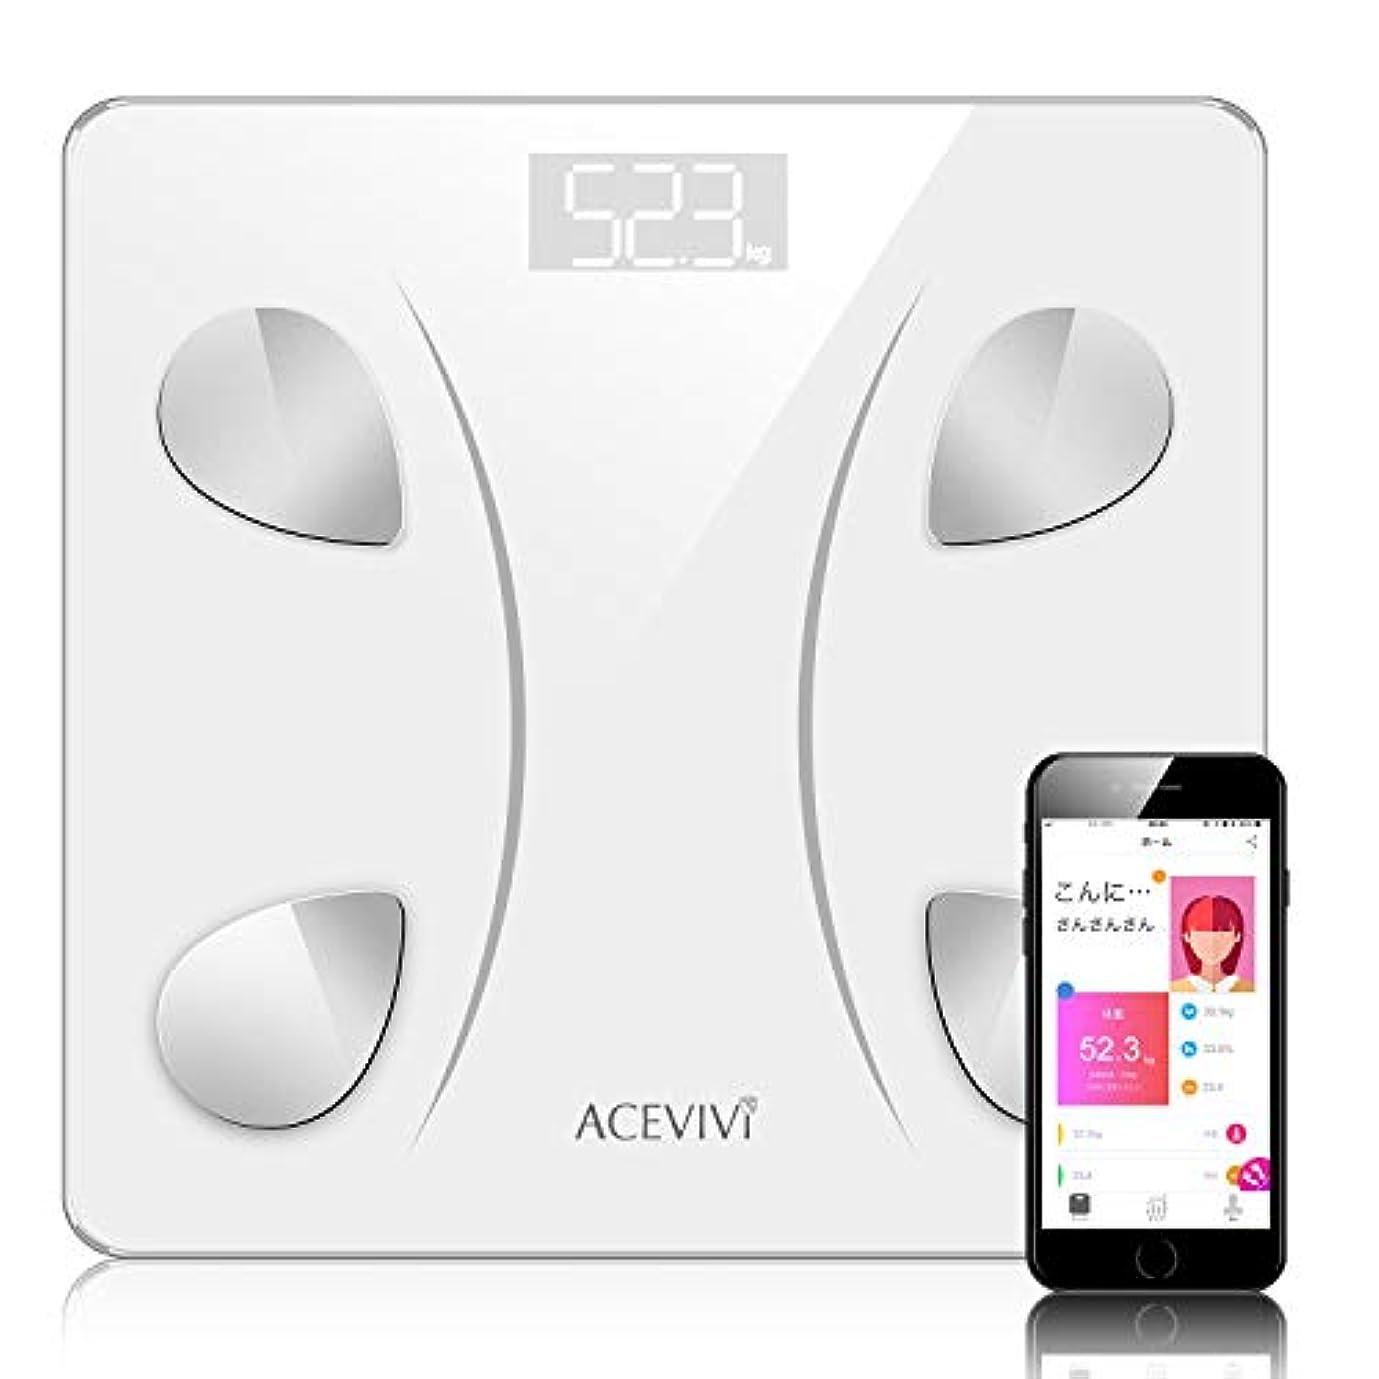 地上のスカウト結婚式体重計 体組成計 体脂肪計 bluetooth対応 ACEVIVI 14項測定 体重/体脂肪率/皮下脂肪/内臓脂肪/筋肉量/骨量/体水分率/基礎代謝量/BMI/除脂肪体重/標準体重/肥満レベル/ボディタイプ/タンパク質率/など14項測定可能 iOS/Android日本語アプリ健康管理 スマートスケール スマホに同期 電池3本付き (ホワイト)